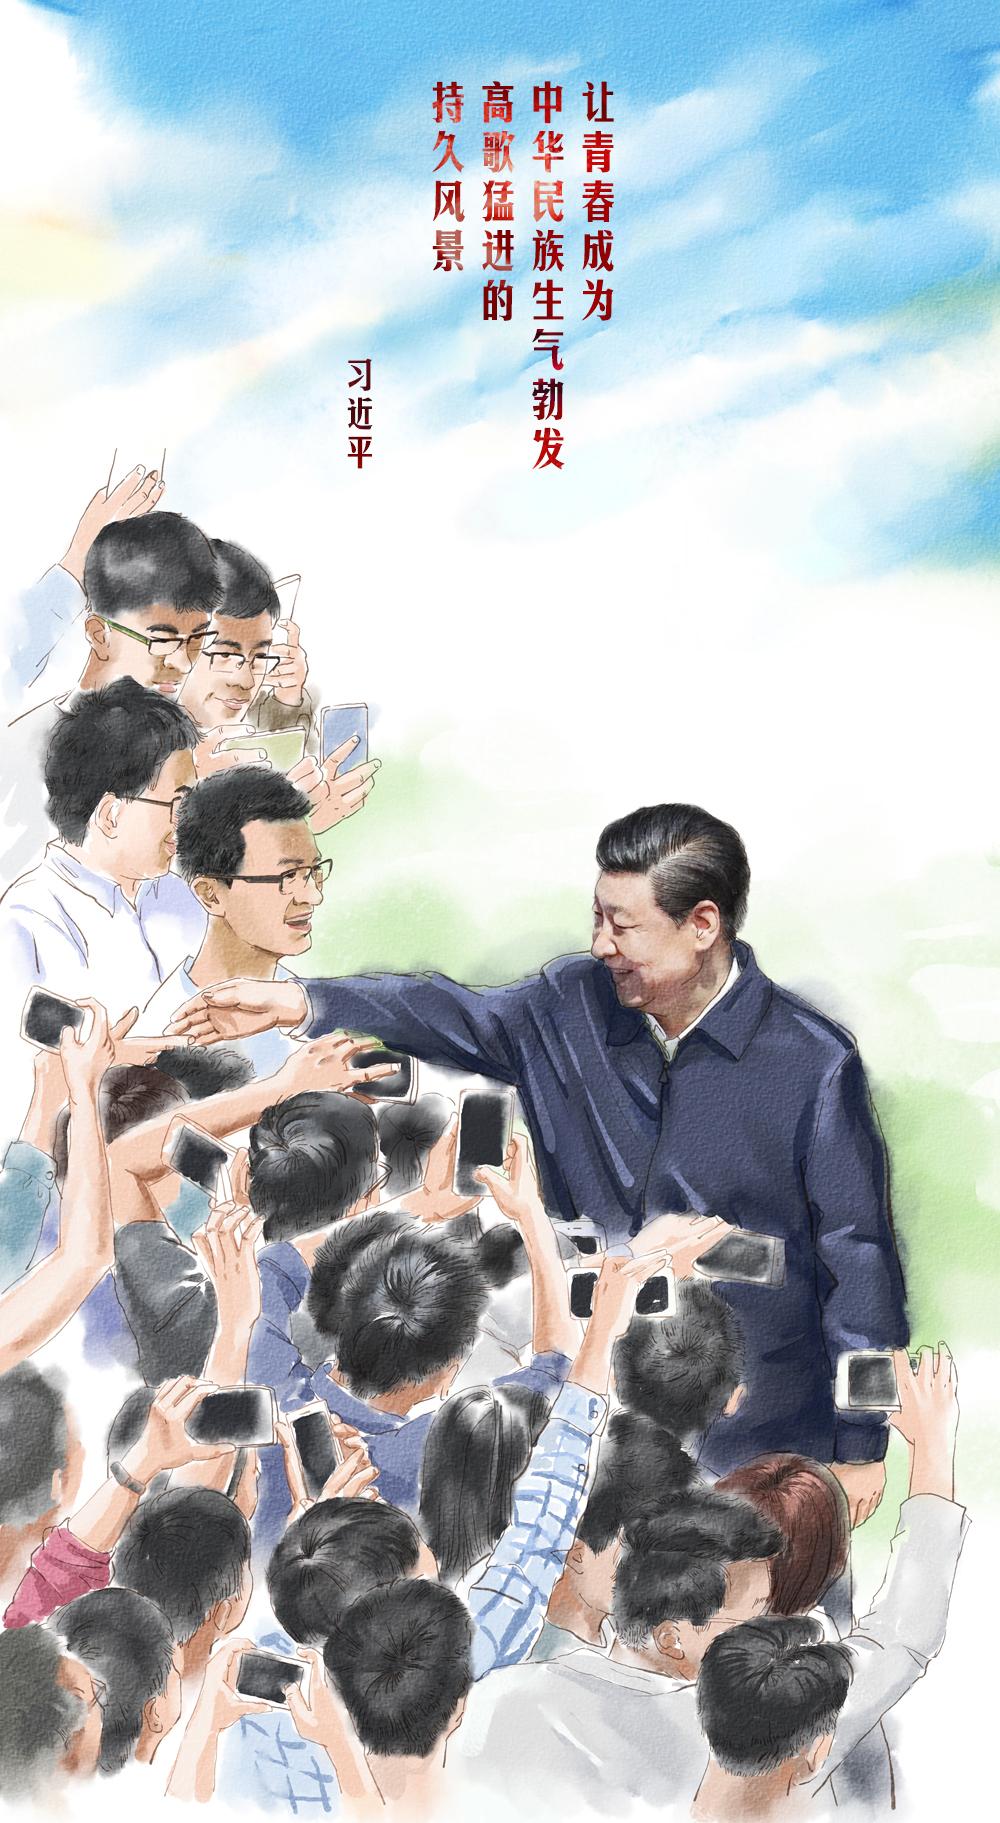 【绘心绘语】让青春成为中华民族高歌猛进的持久风景